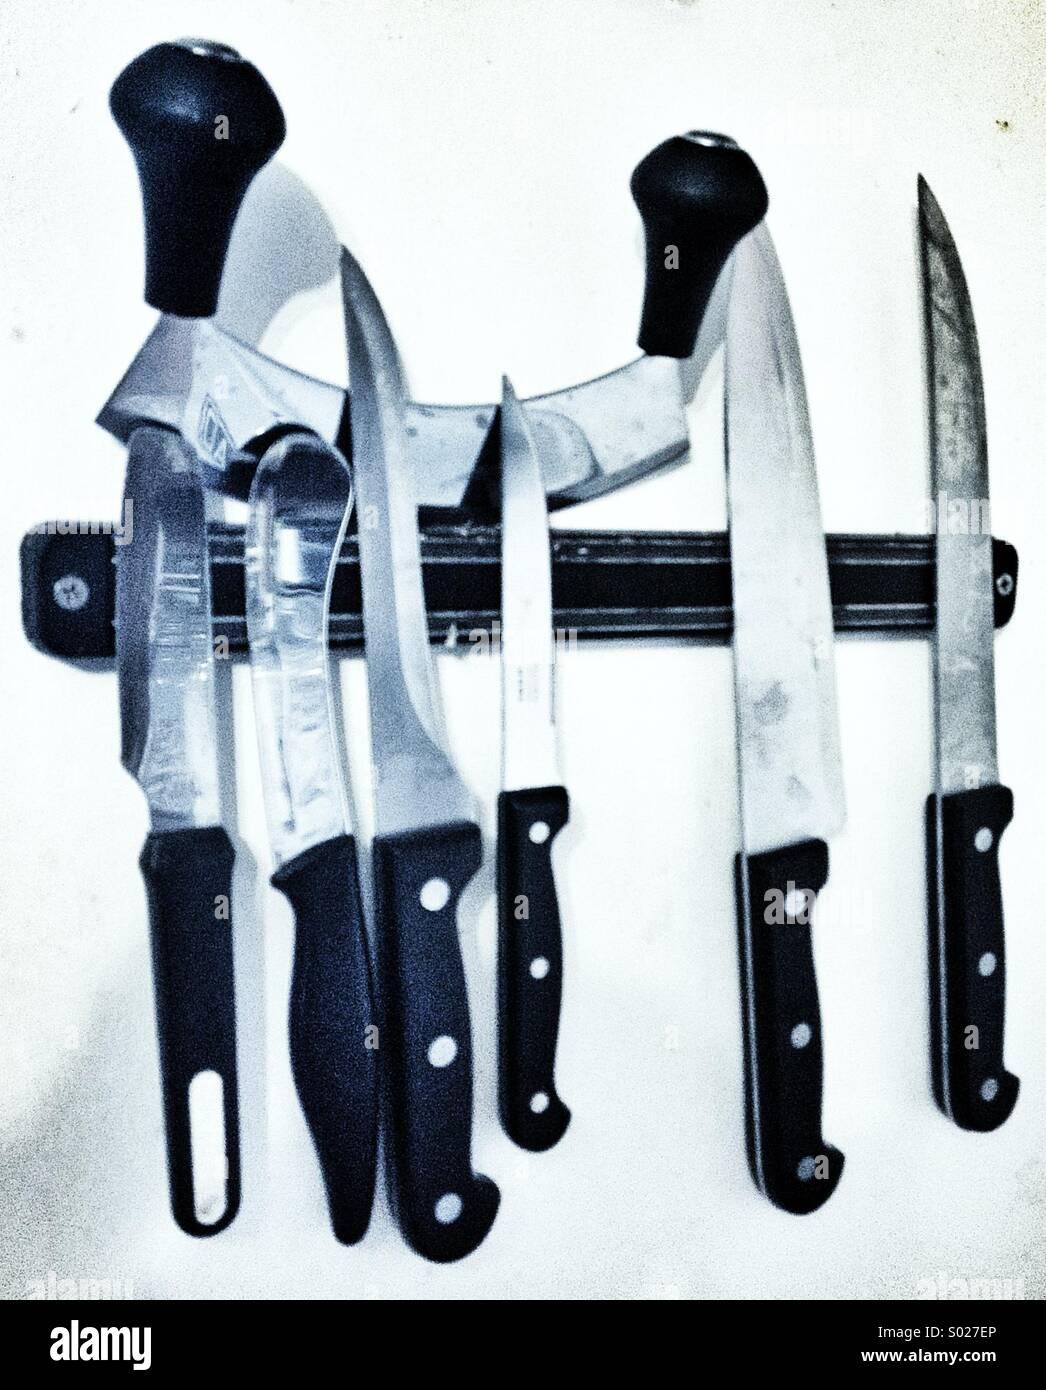 Cuchillos de cocina Imagen De Stock